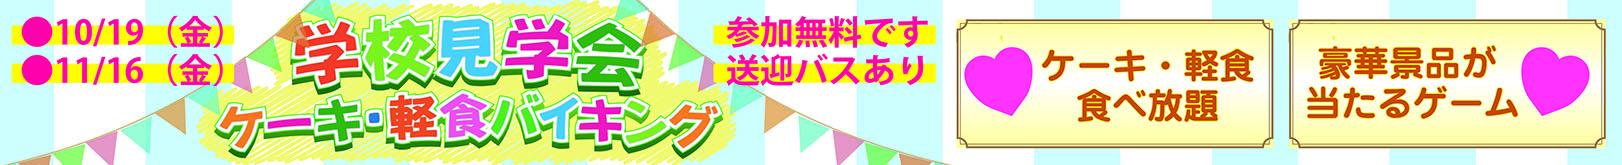 学校見学会・ケーキ&軽食バイキング